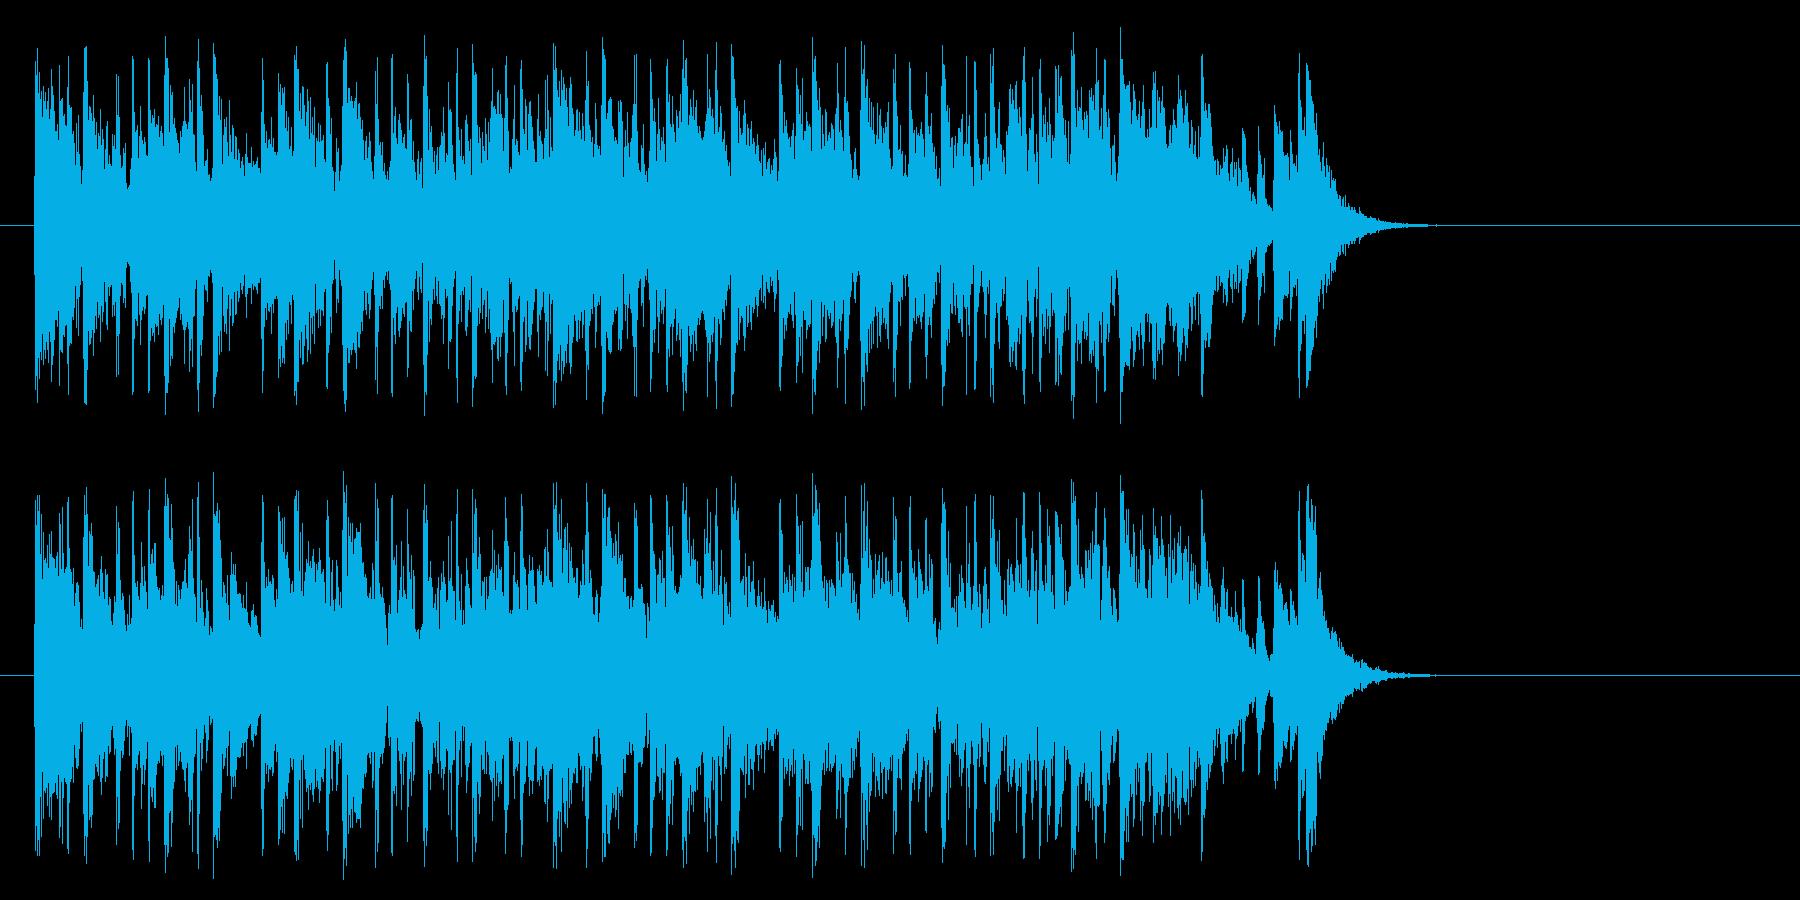 新生活へと出発するポップ(Aメロ)の再生済みの波形